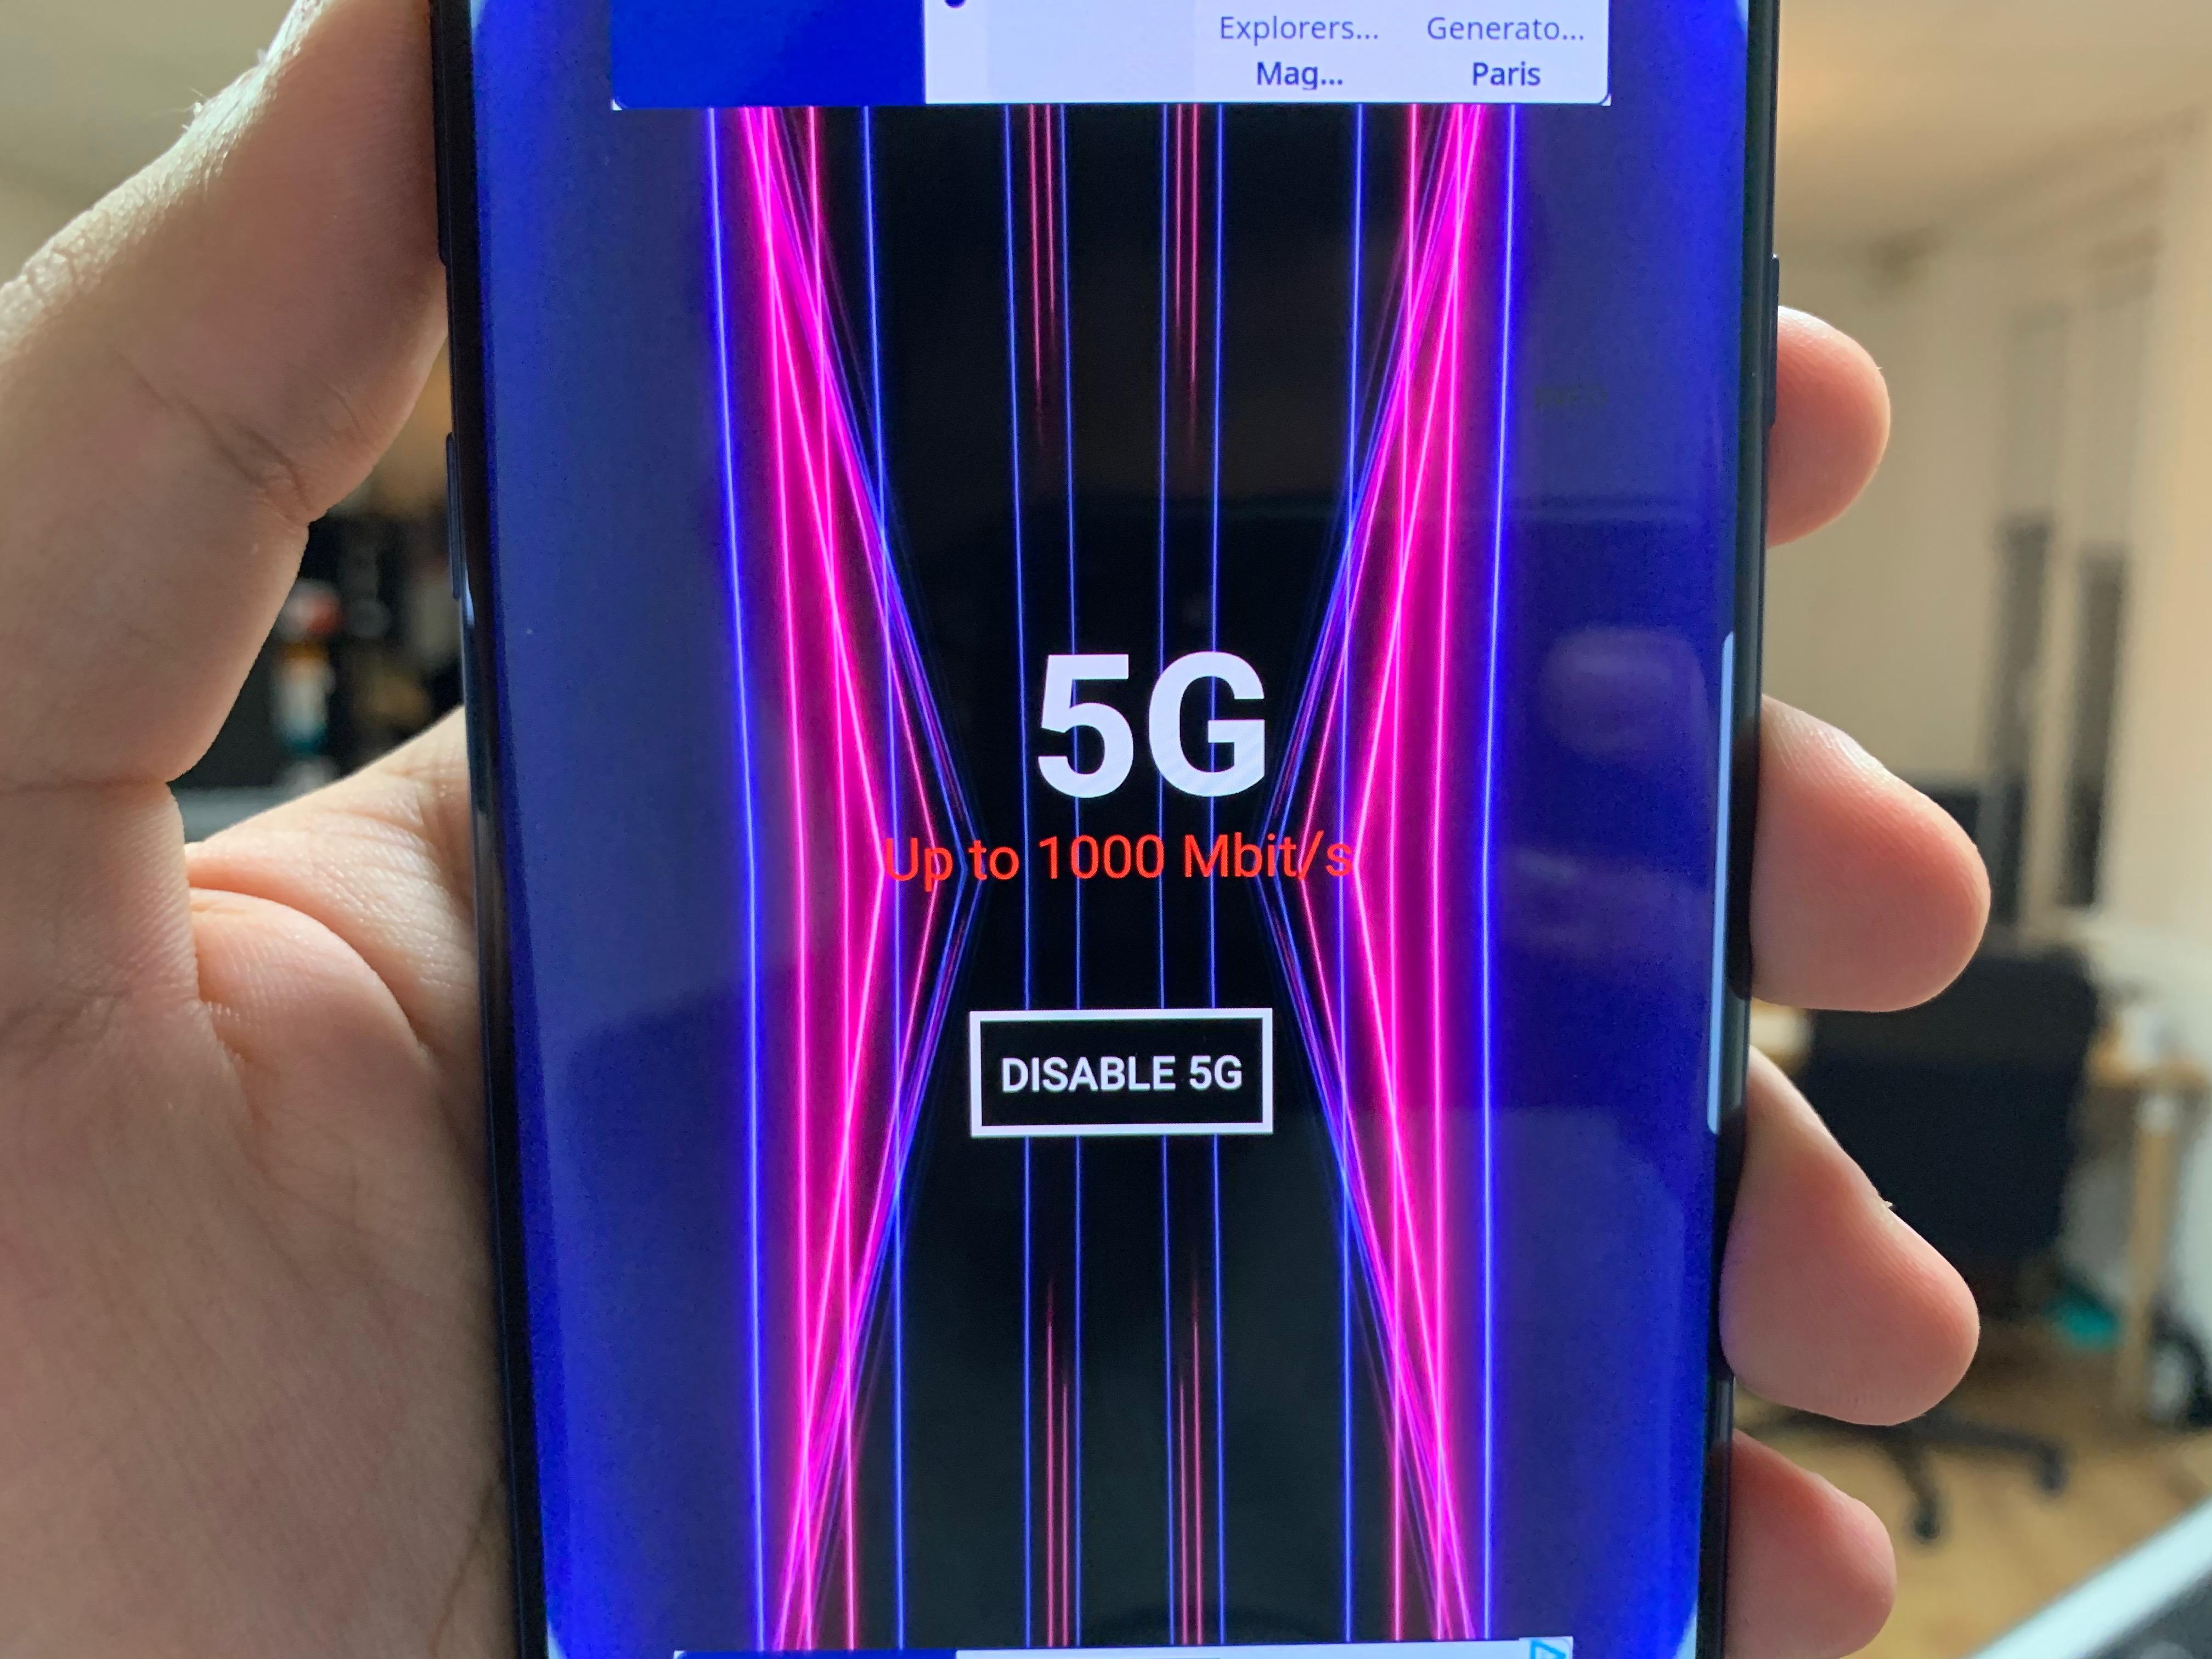 La blague nulle de la semaine : cette application fait croire que vous profitez de la 5G